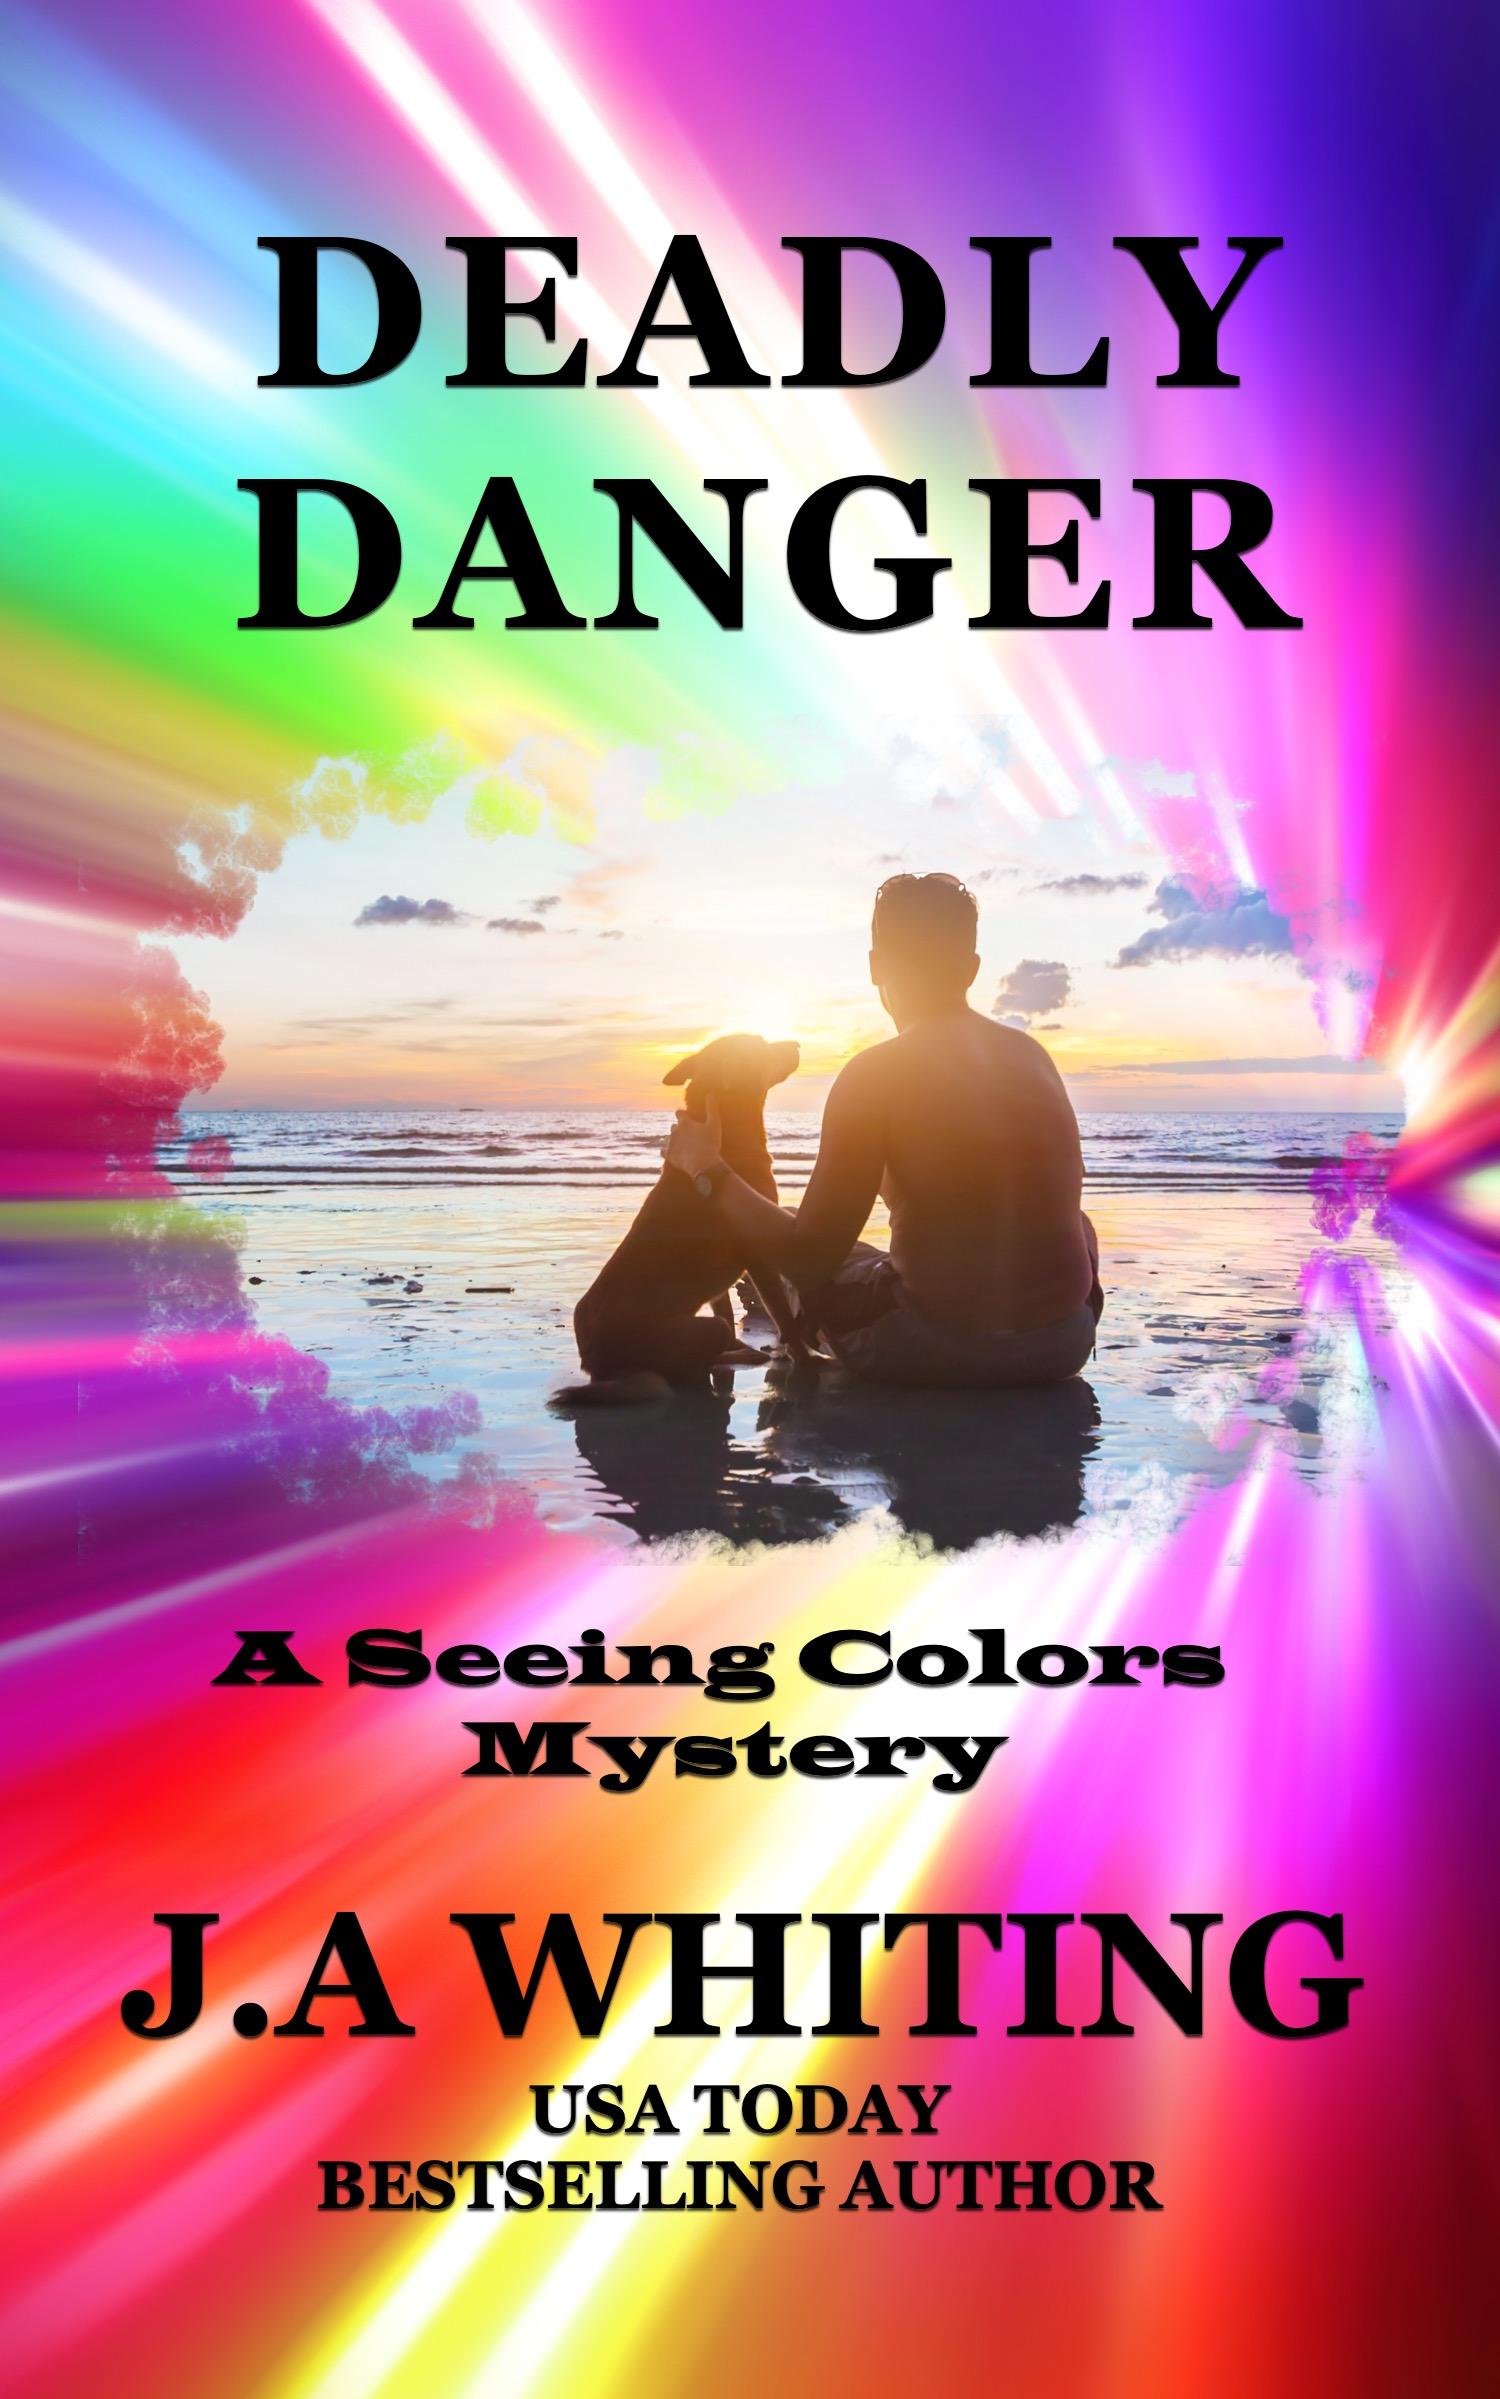 jawhiting-deadly-danger.jpg